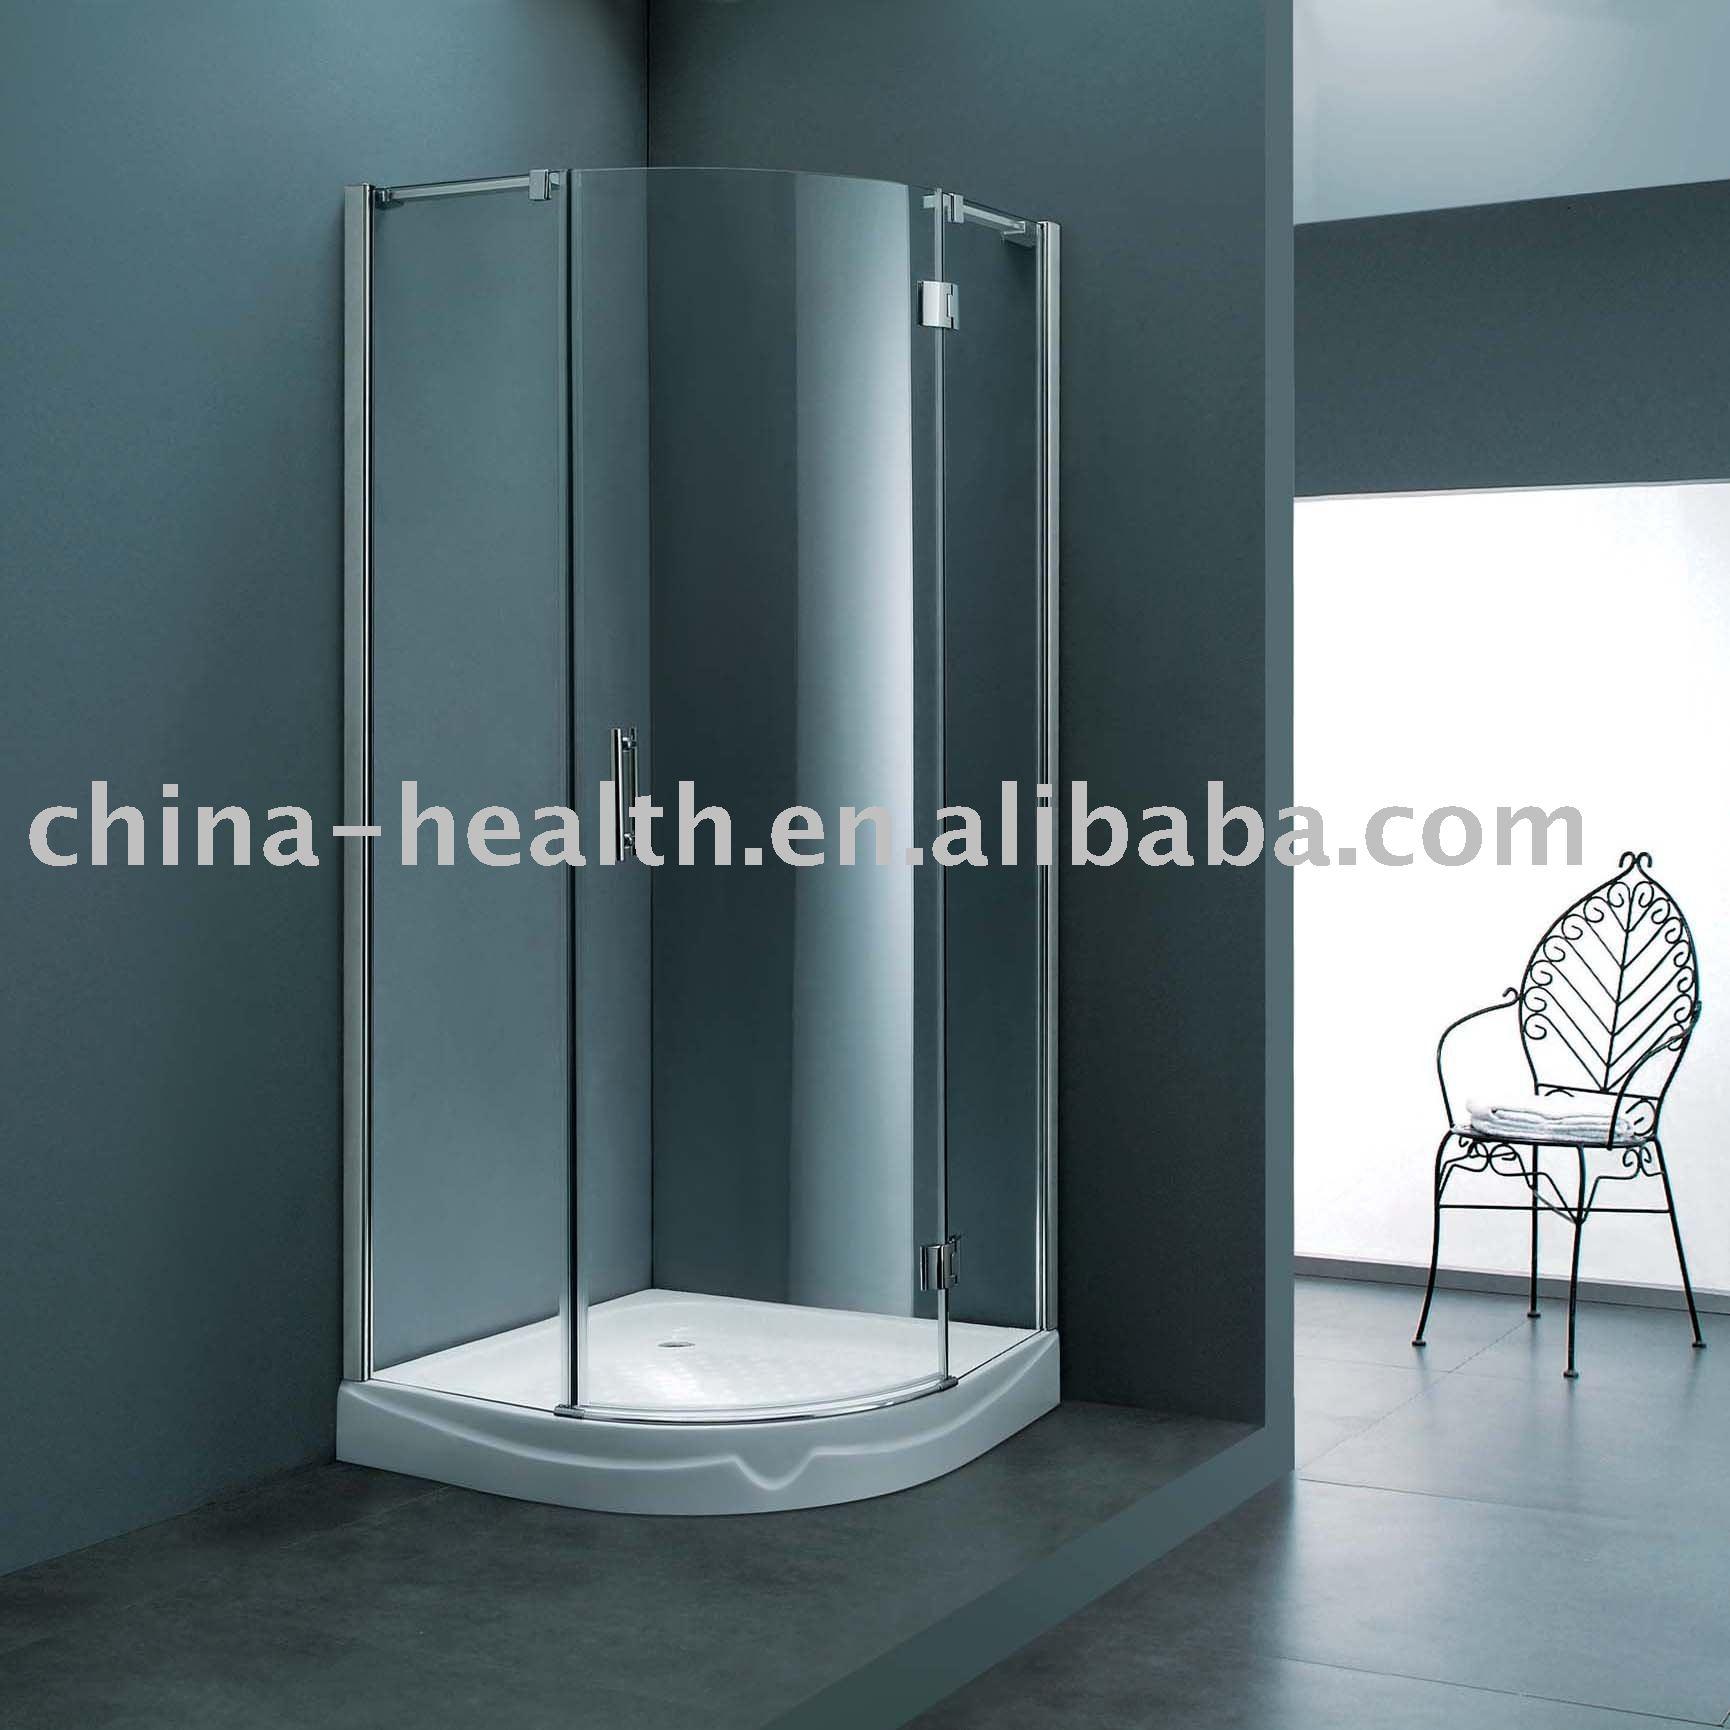 Porta de vidro do banheiro casa de banho Boxes de chuveiro ID do  #4A626A 1730x1730 Acessorios Banheiro China